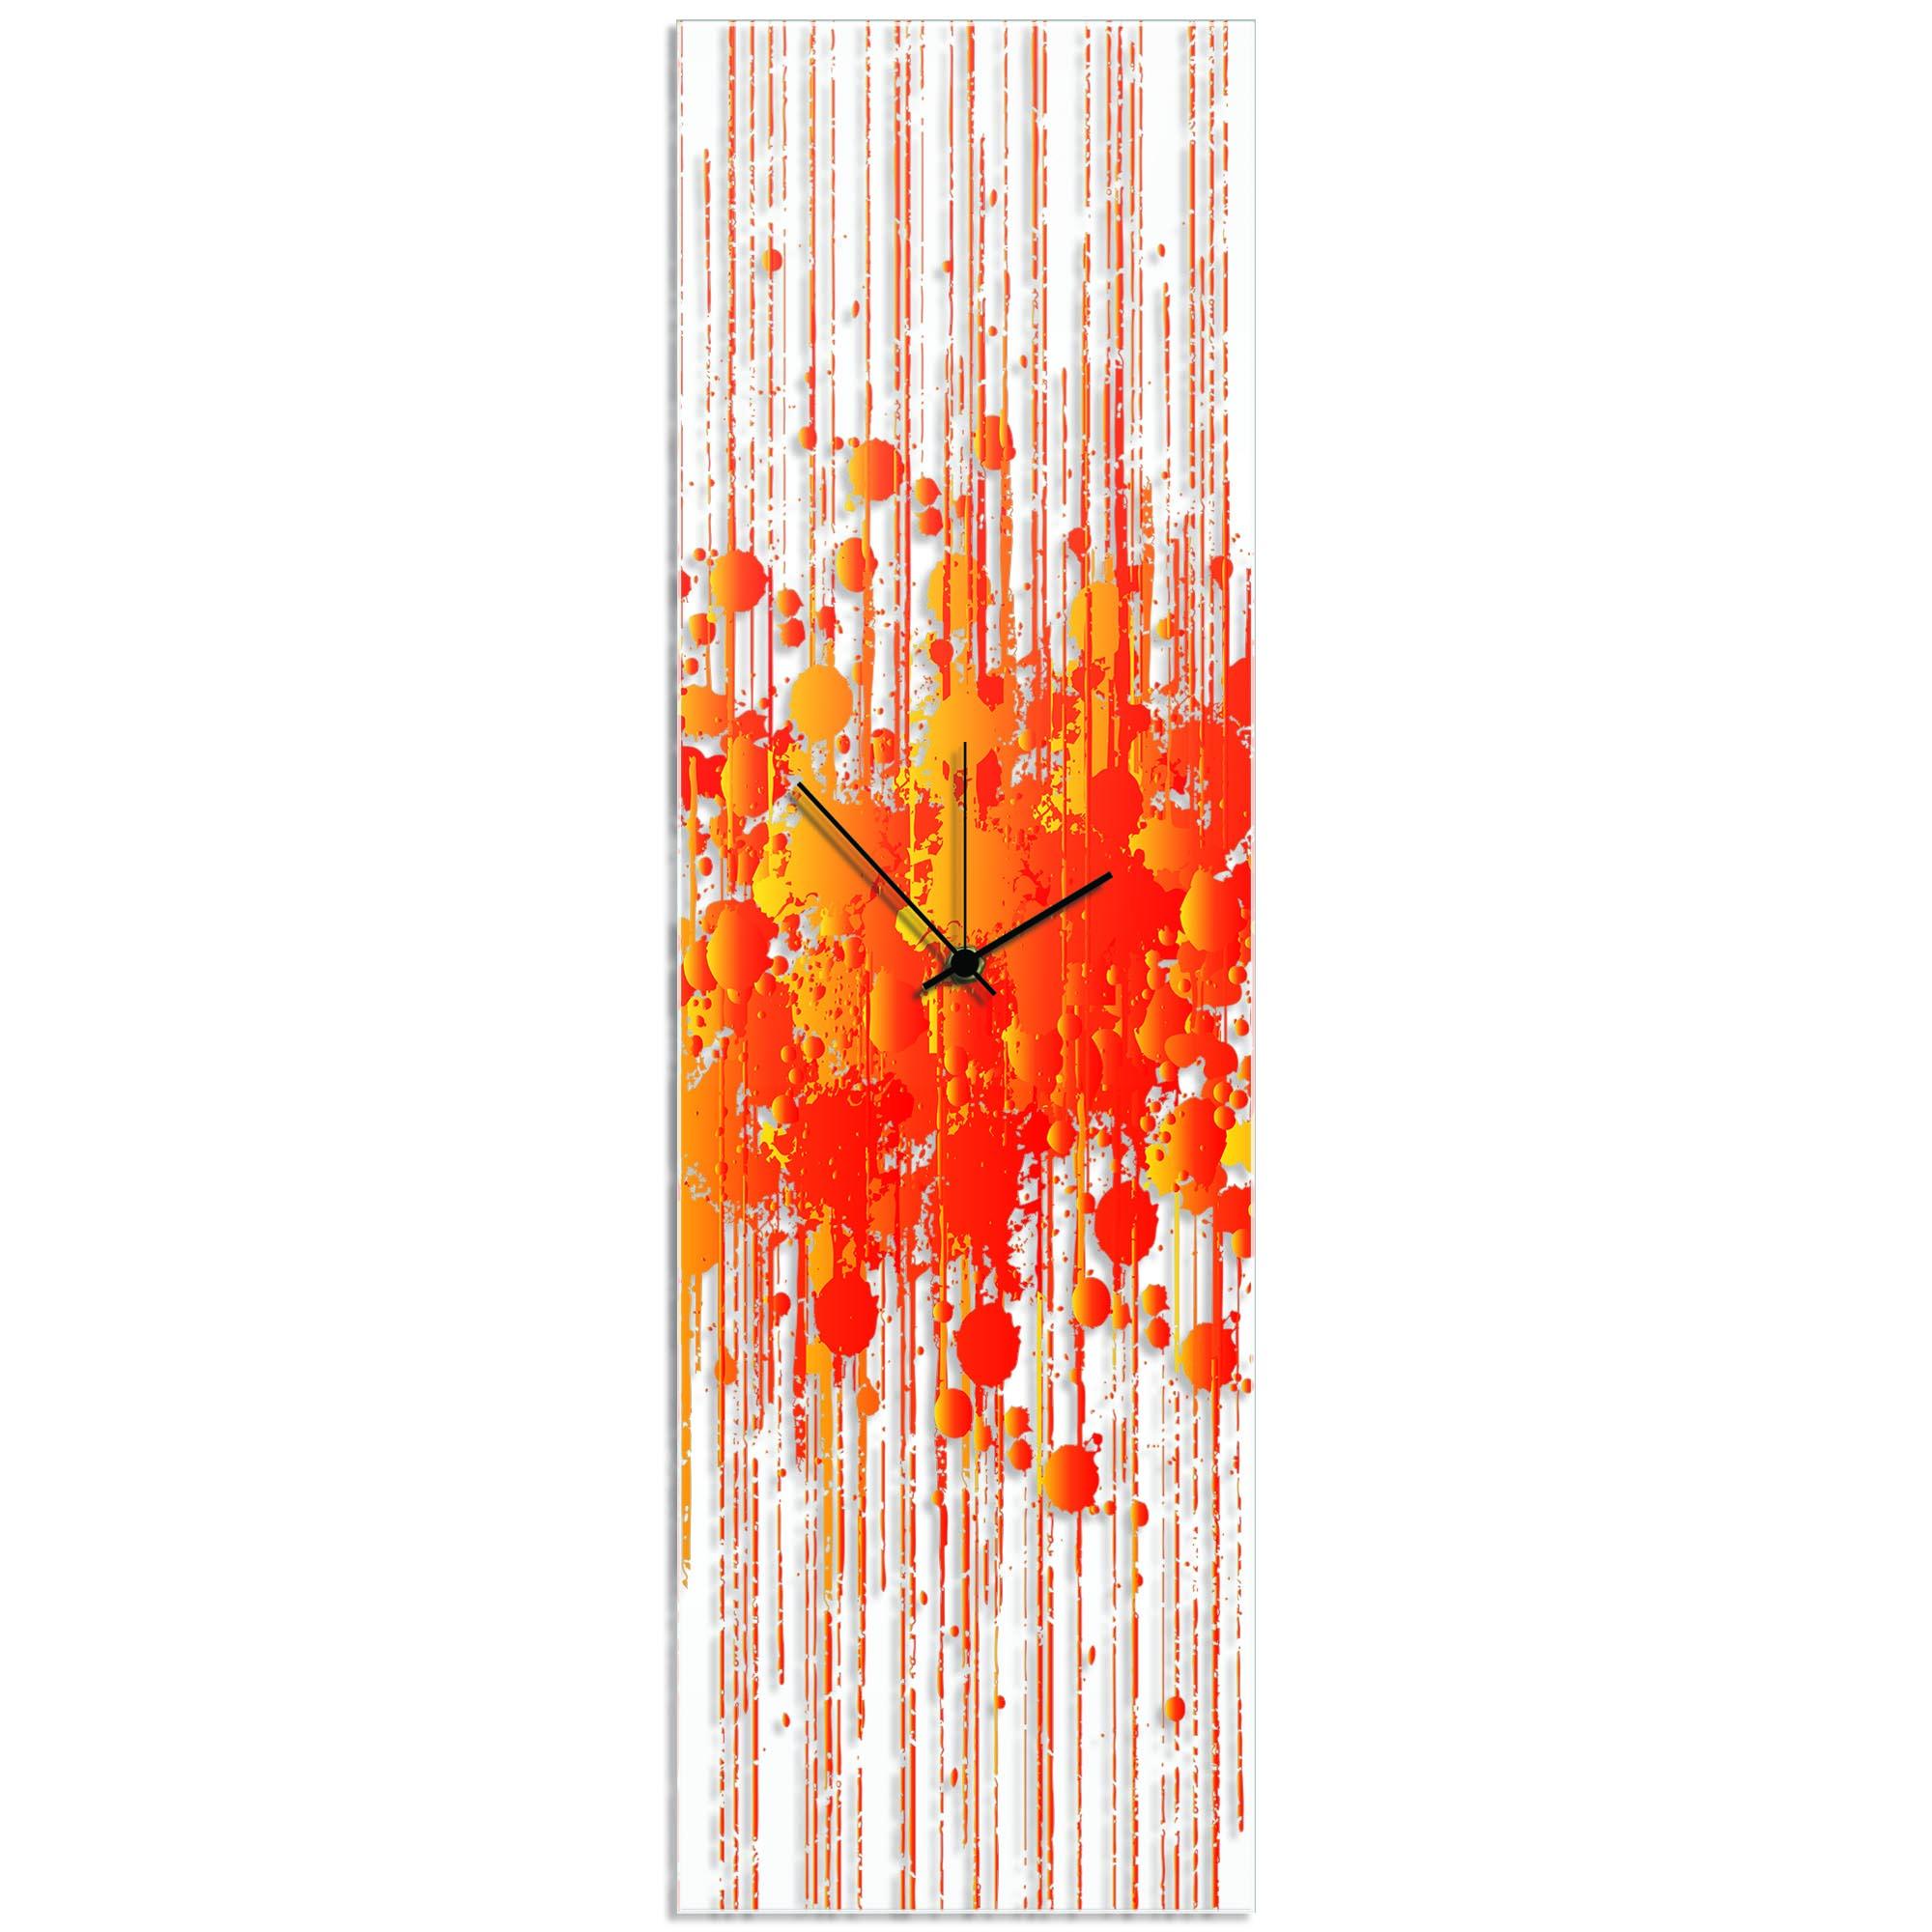 Warm Paint Splatter Clock 9x30in. Plexiglass